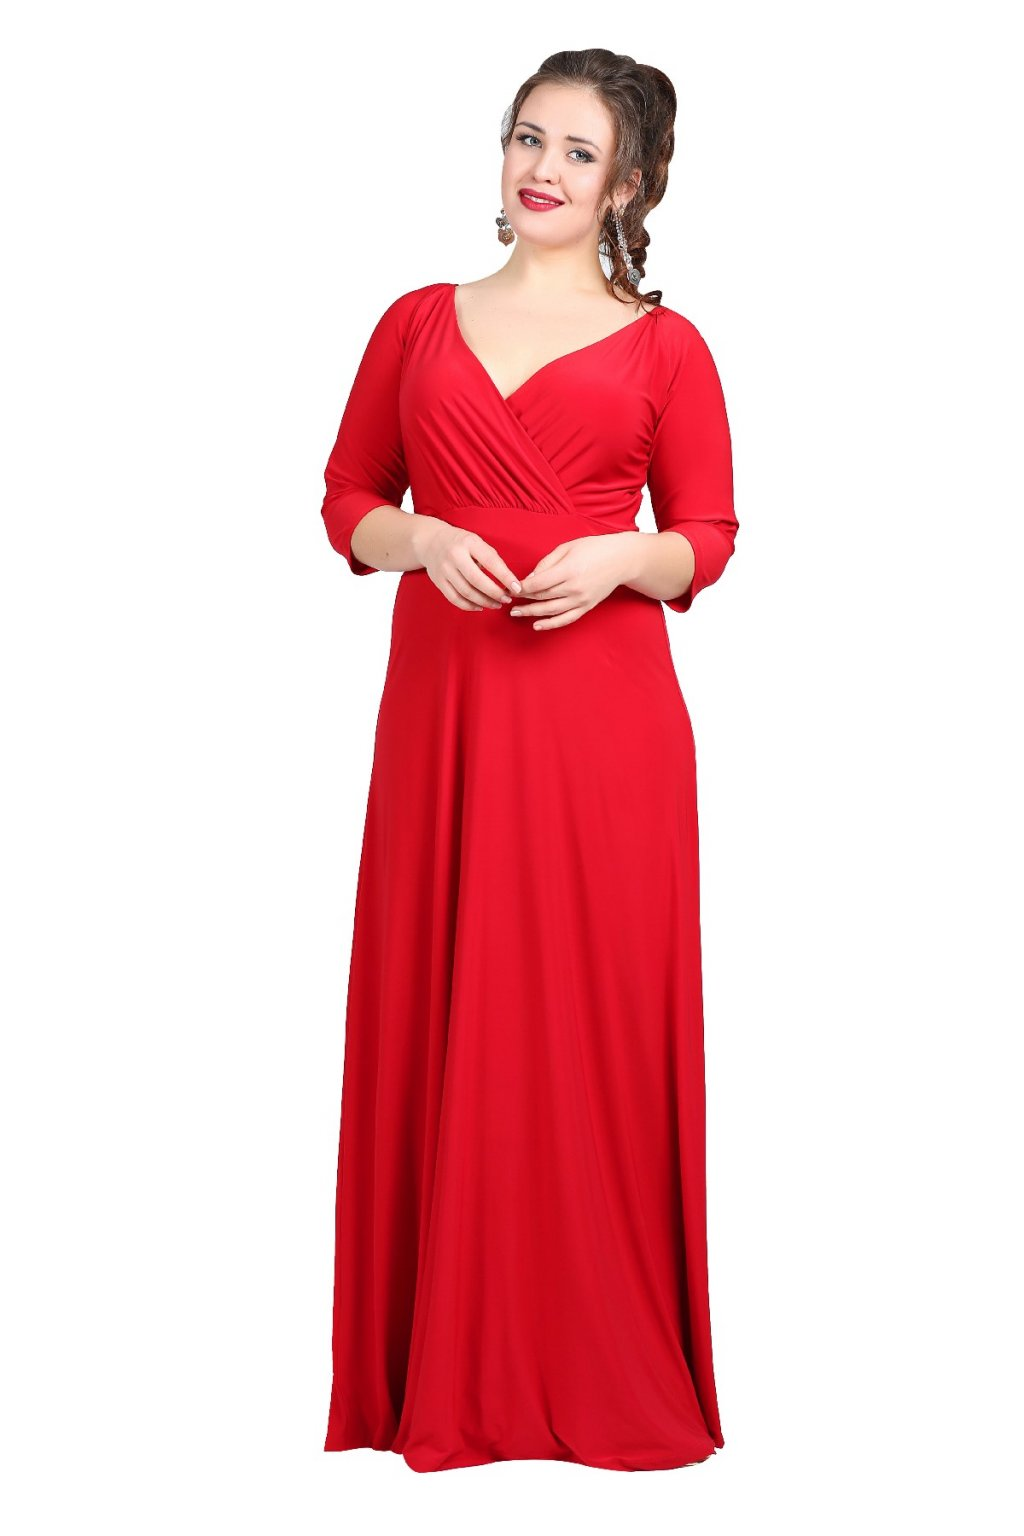 Dlouhé společenské šaty Lubica s překládaným výstřihem červené